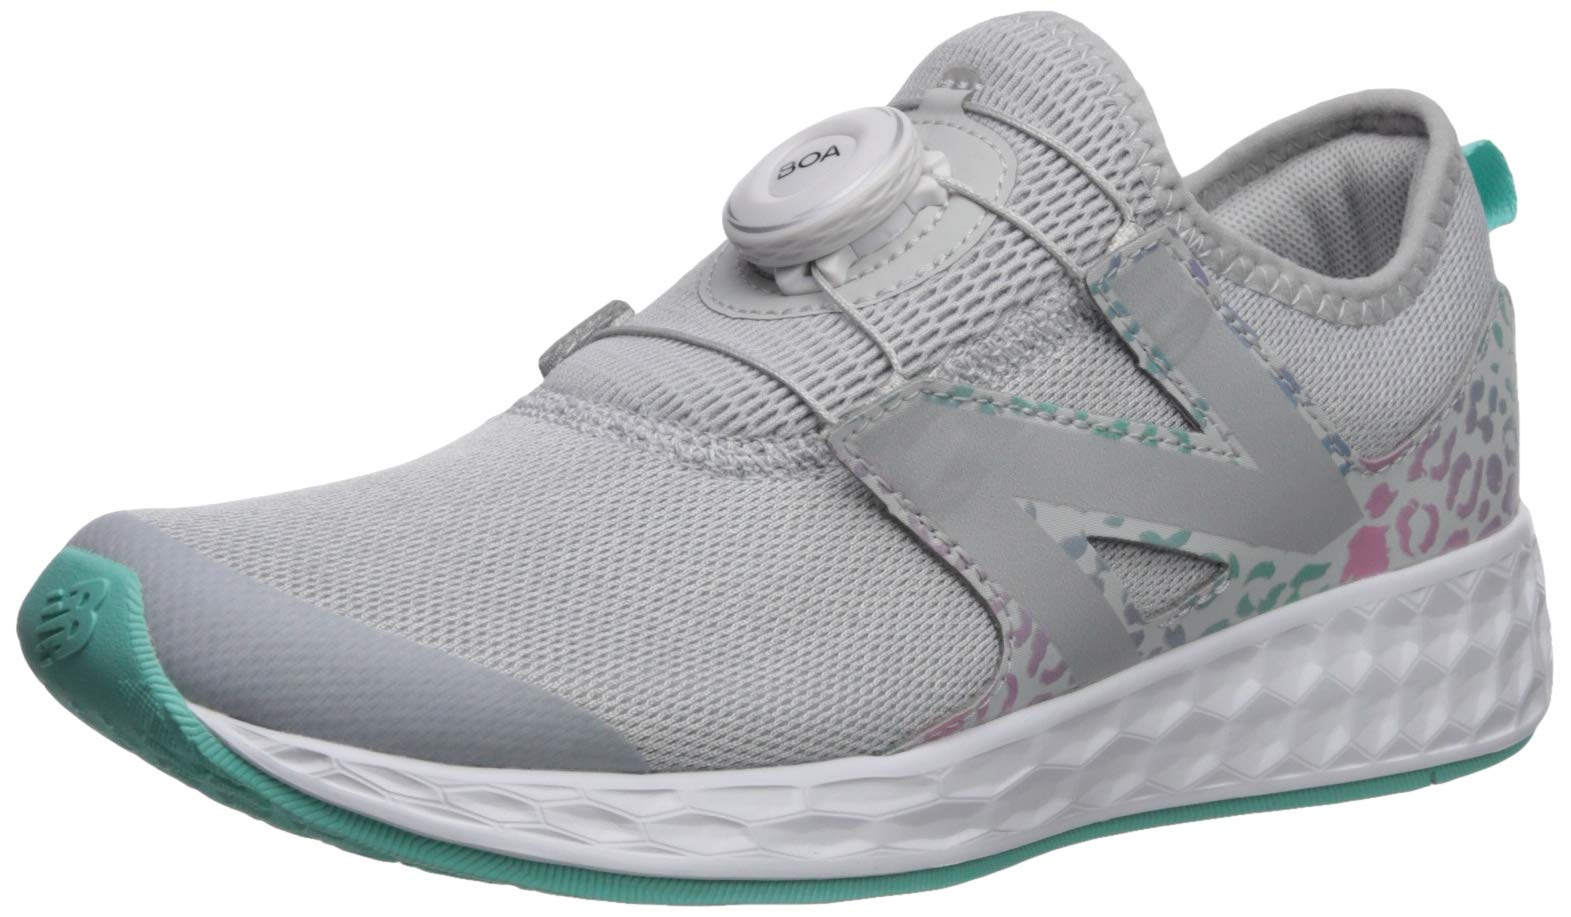 New Balance Girls' N Speed V1 Running Shoe, Light Aluminum/Tidepool, 12.5 M US Little Kid